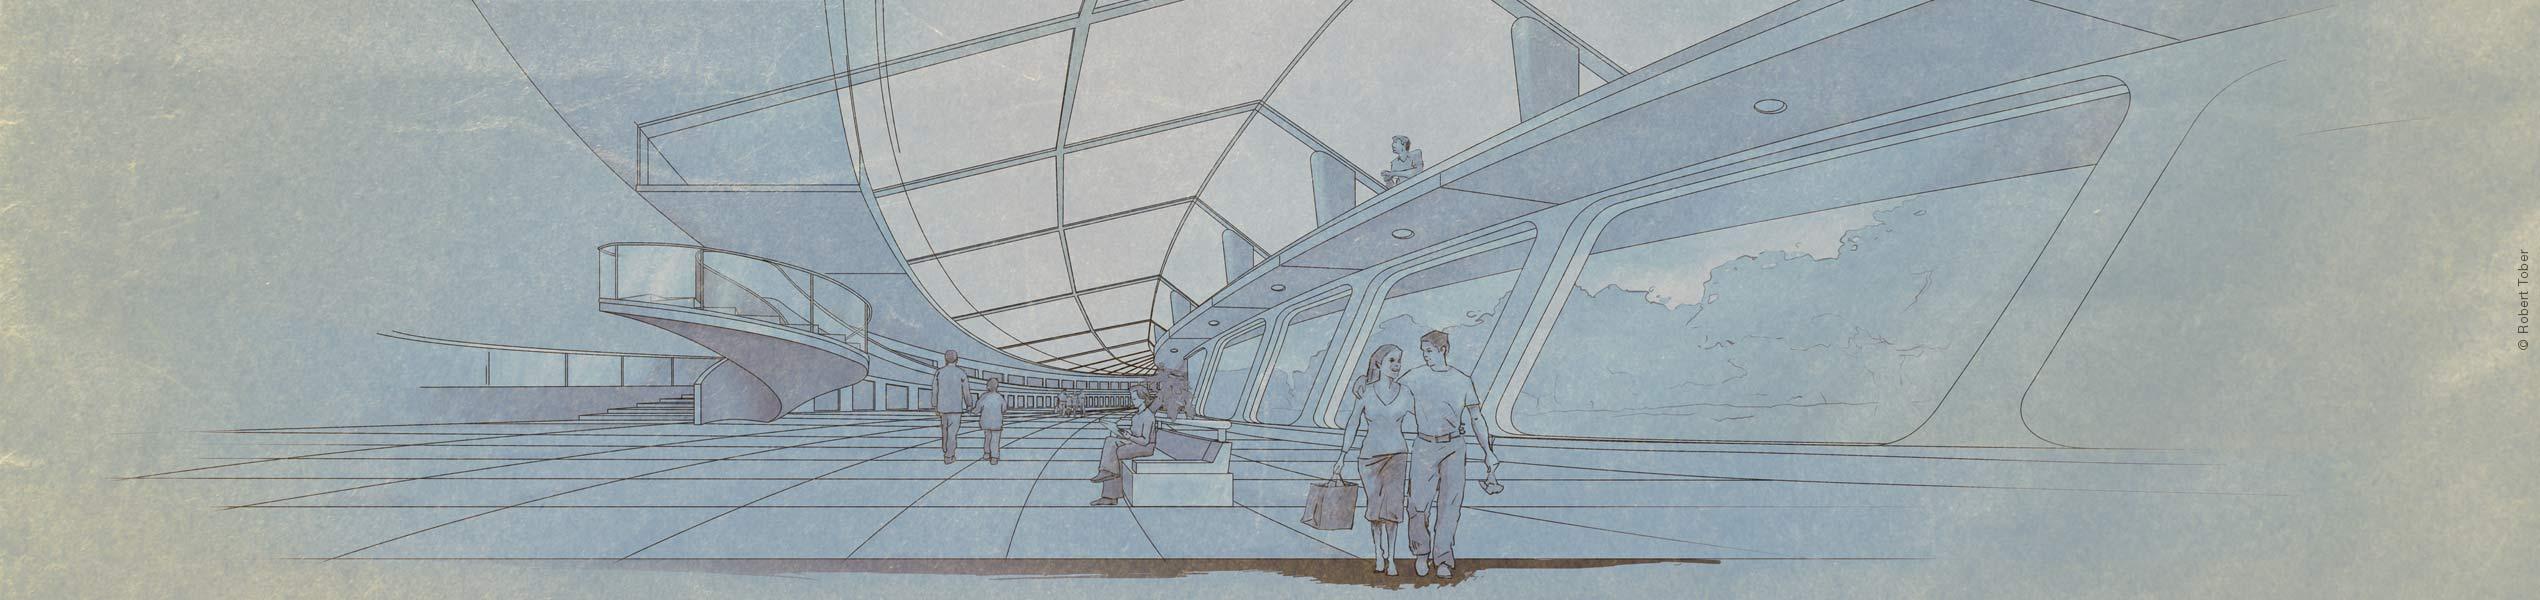 Unterstützung von Architekten bei der Konzeptionierung von Brandschutzmaßnahmen